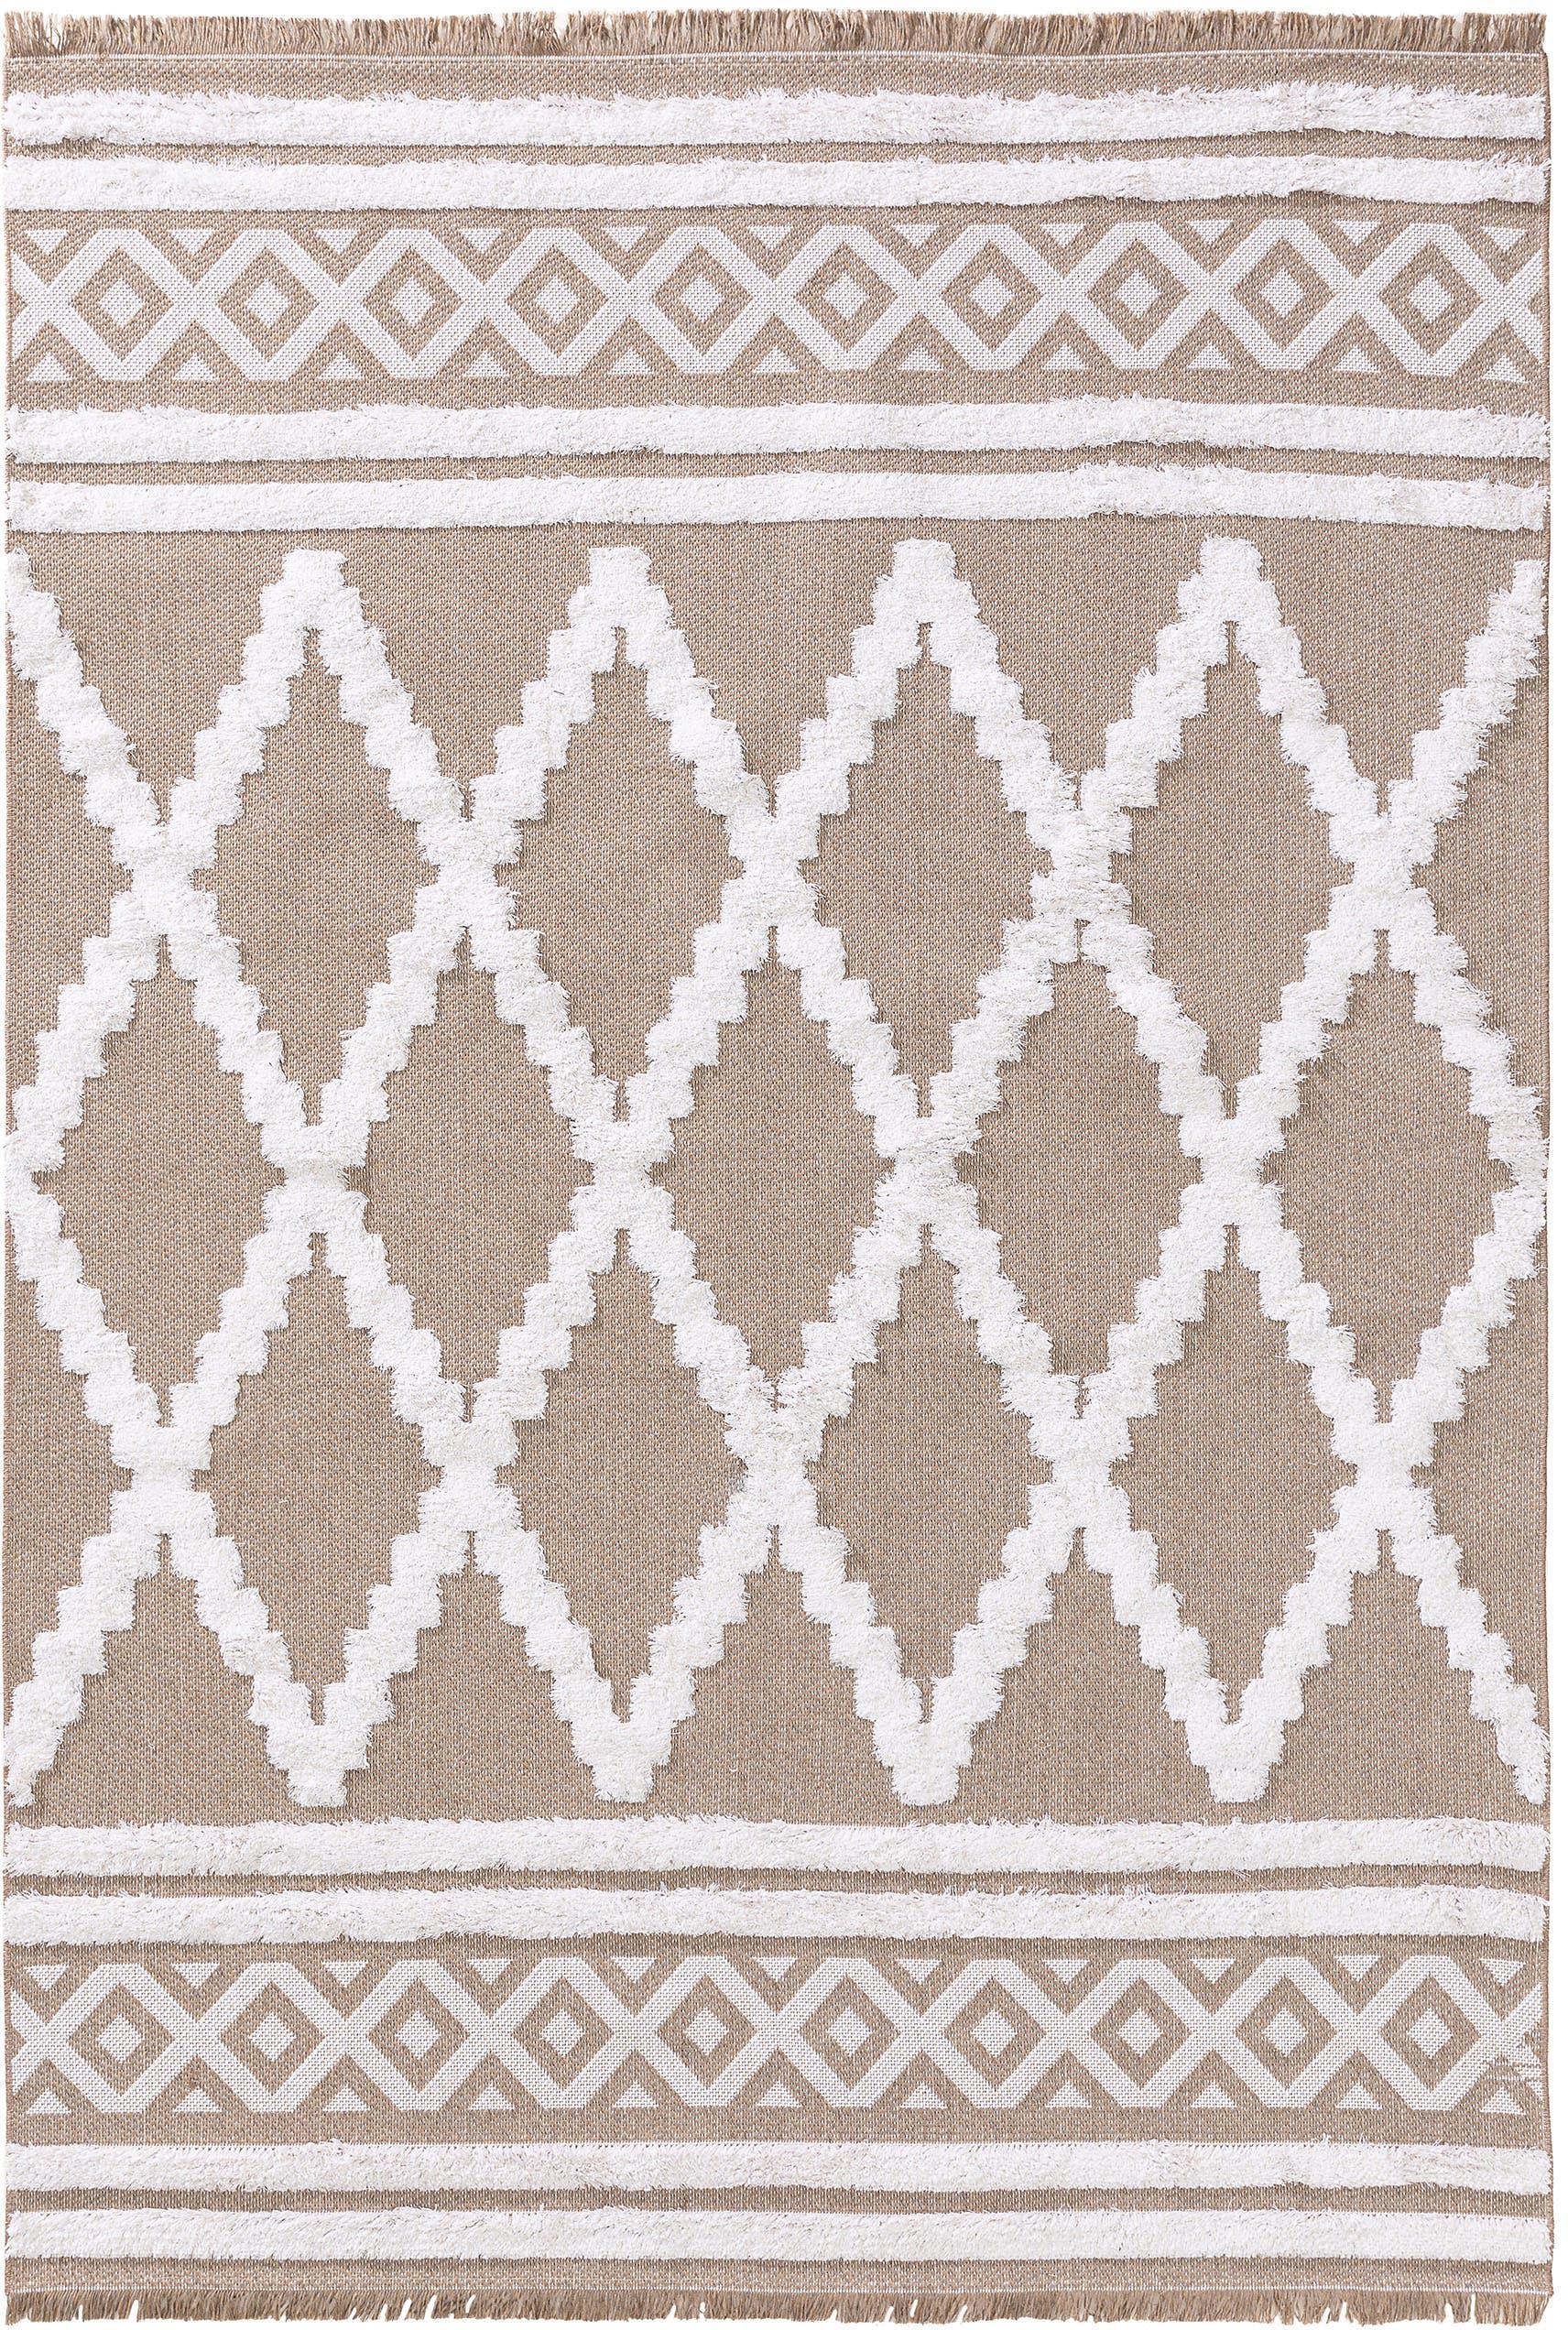 Tappeto in cotone lavato Oslo Karo, 100% cotone, Grigio, bianco crema, Larg. 190 x Lung. 280 cm